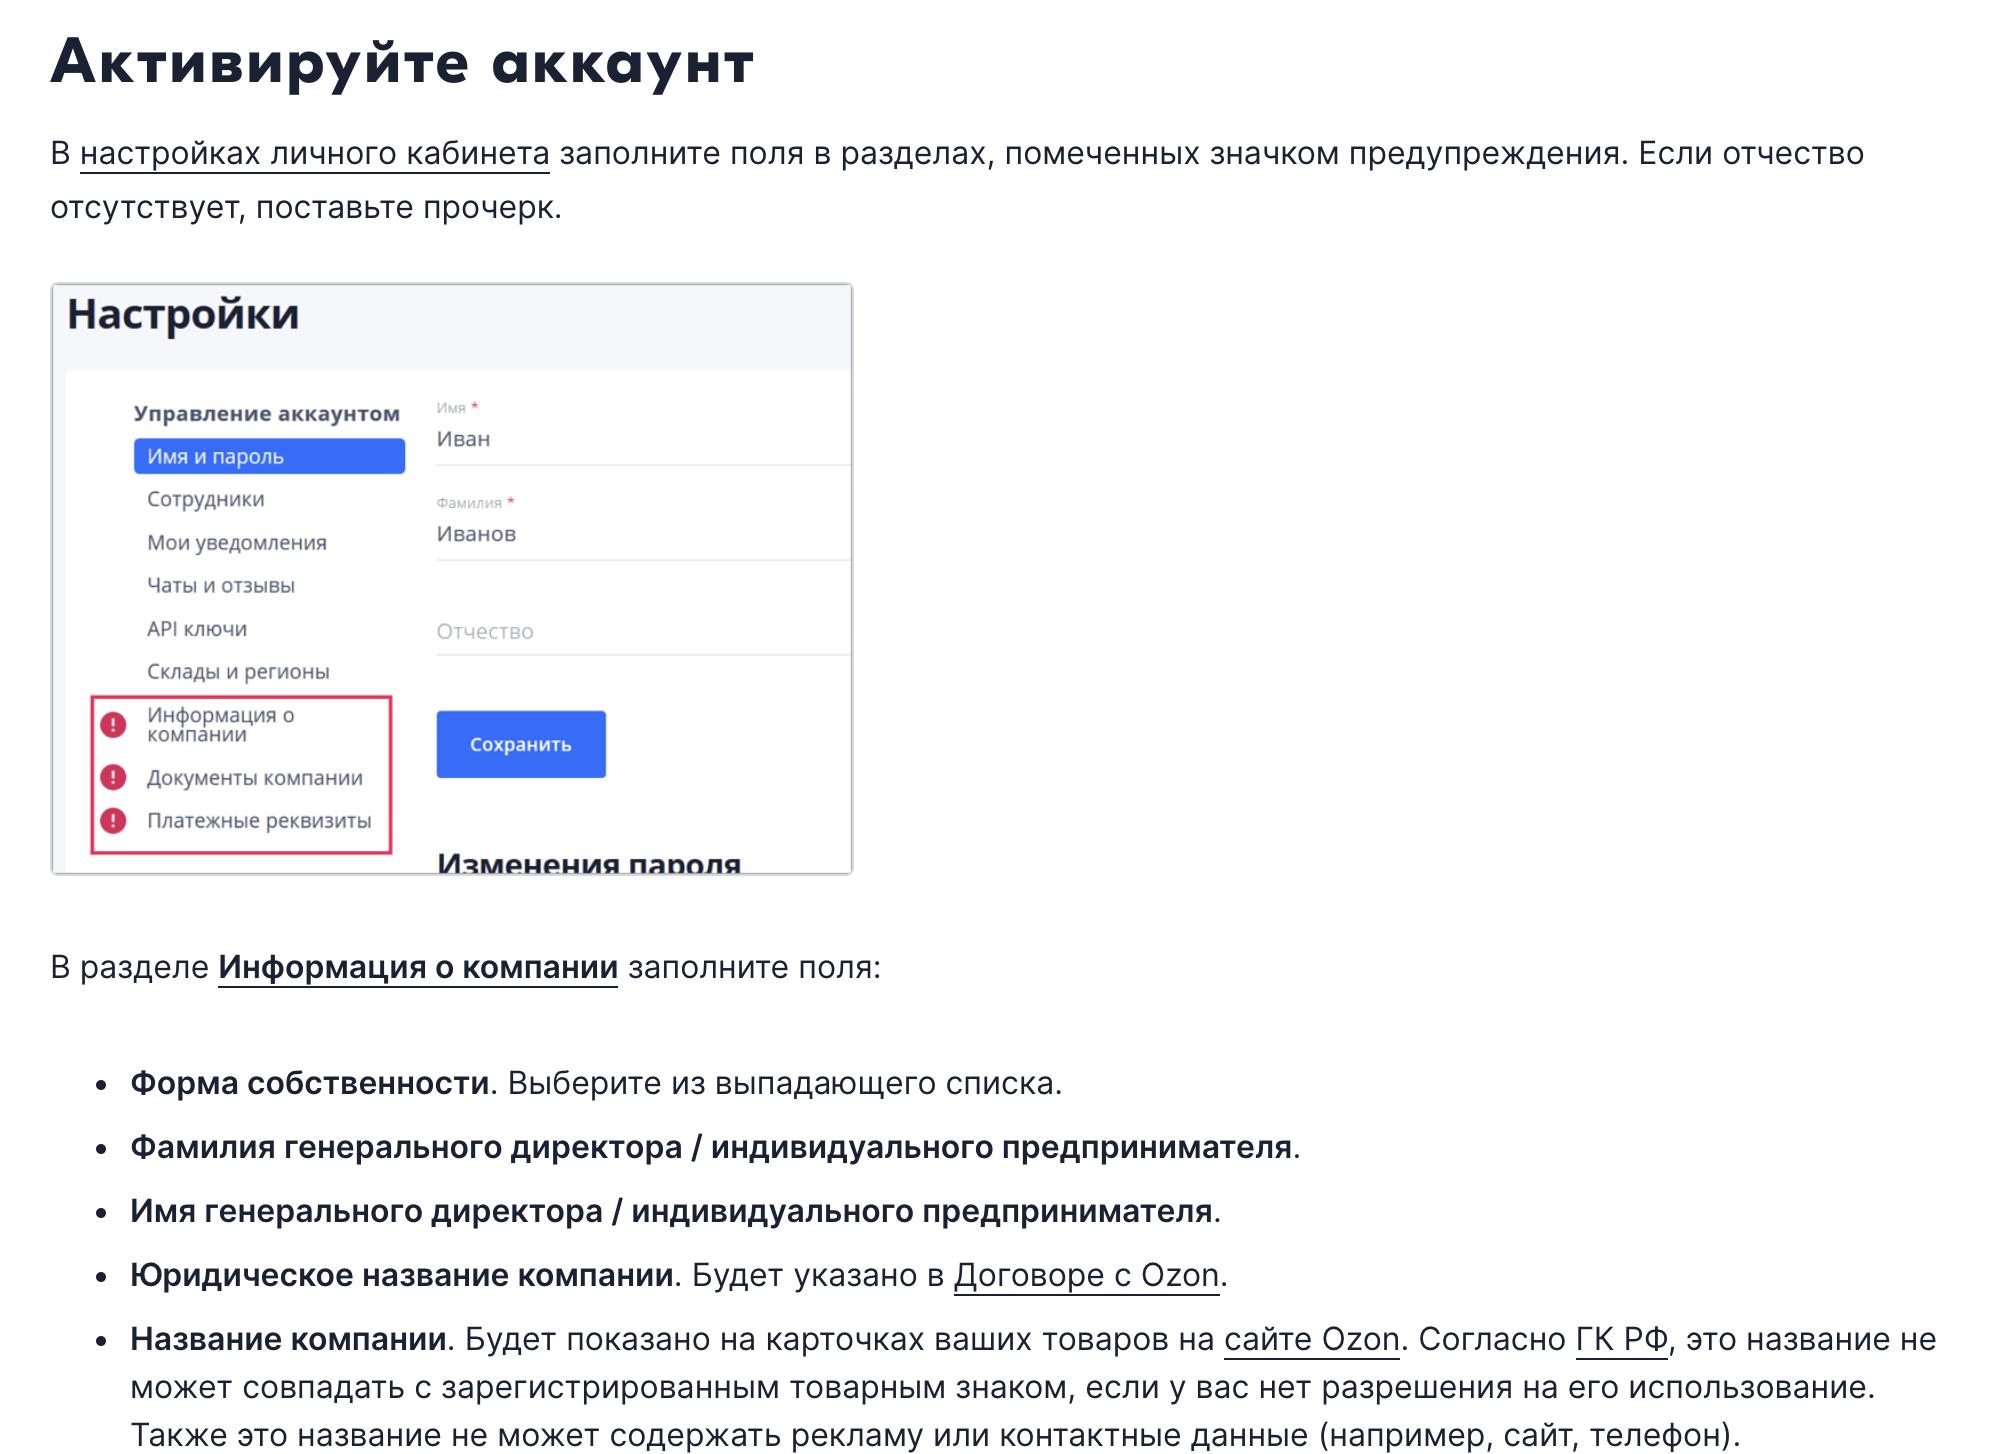 Личный кабинет продавца Ozon Seller - регистрация, активация